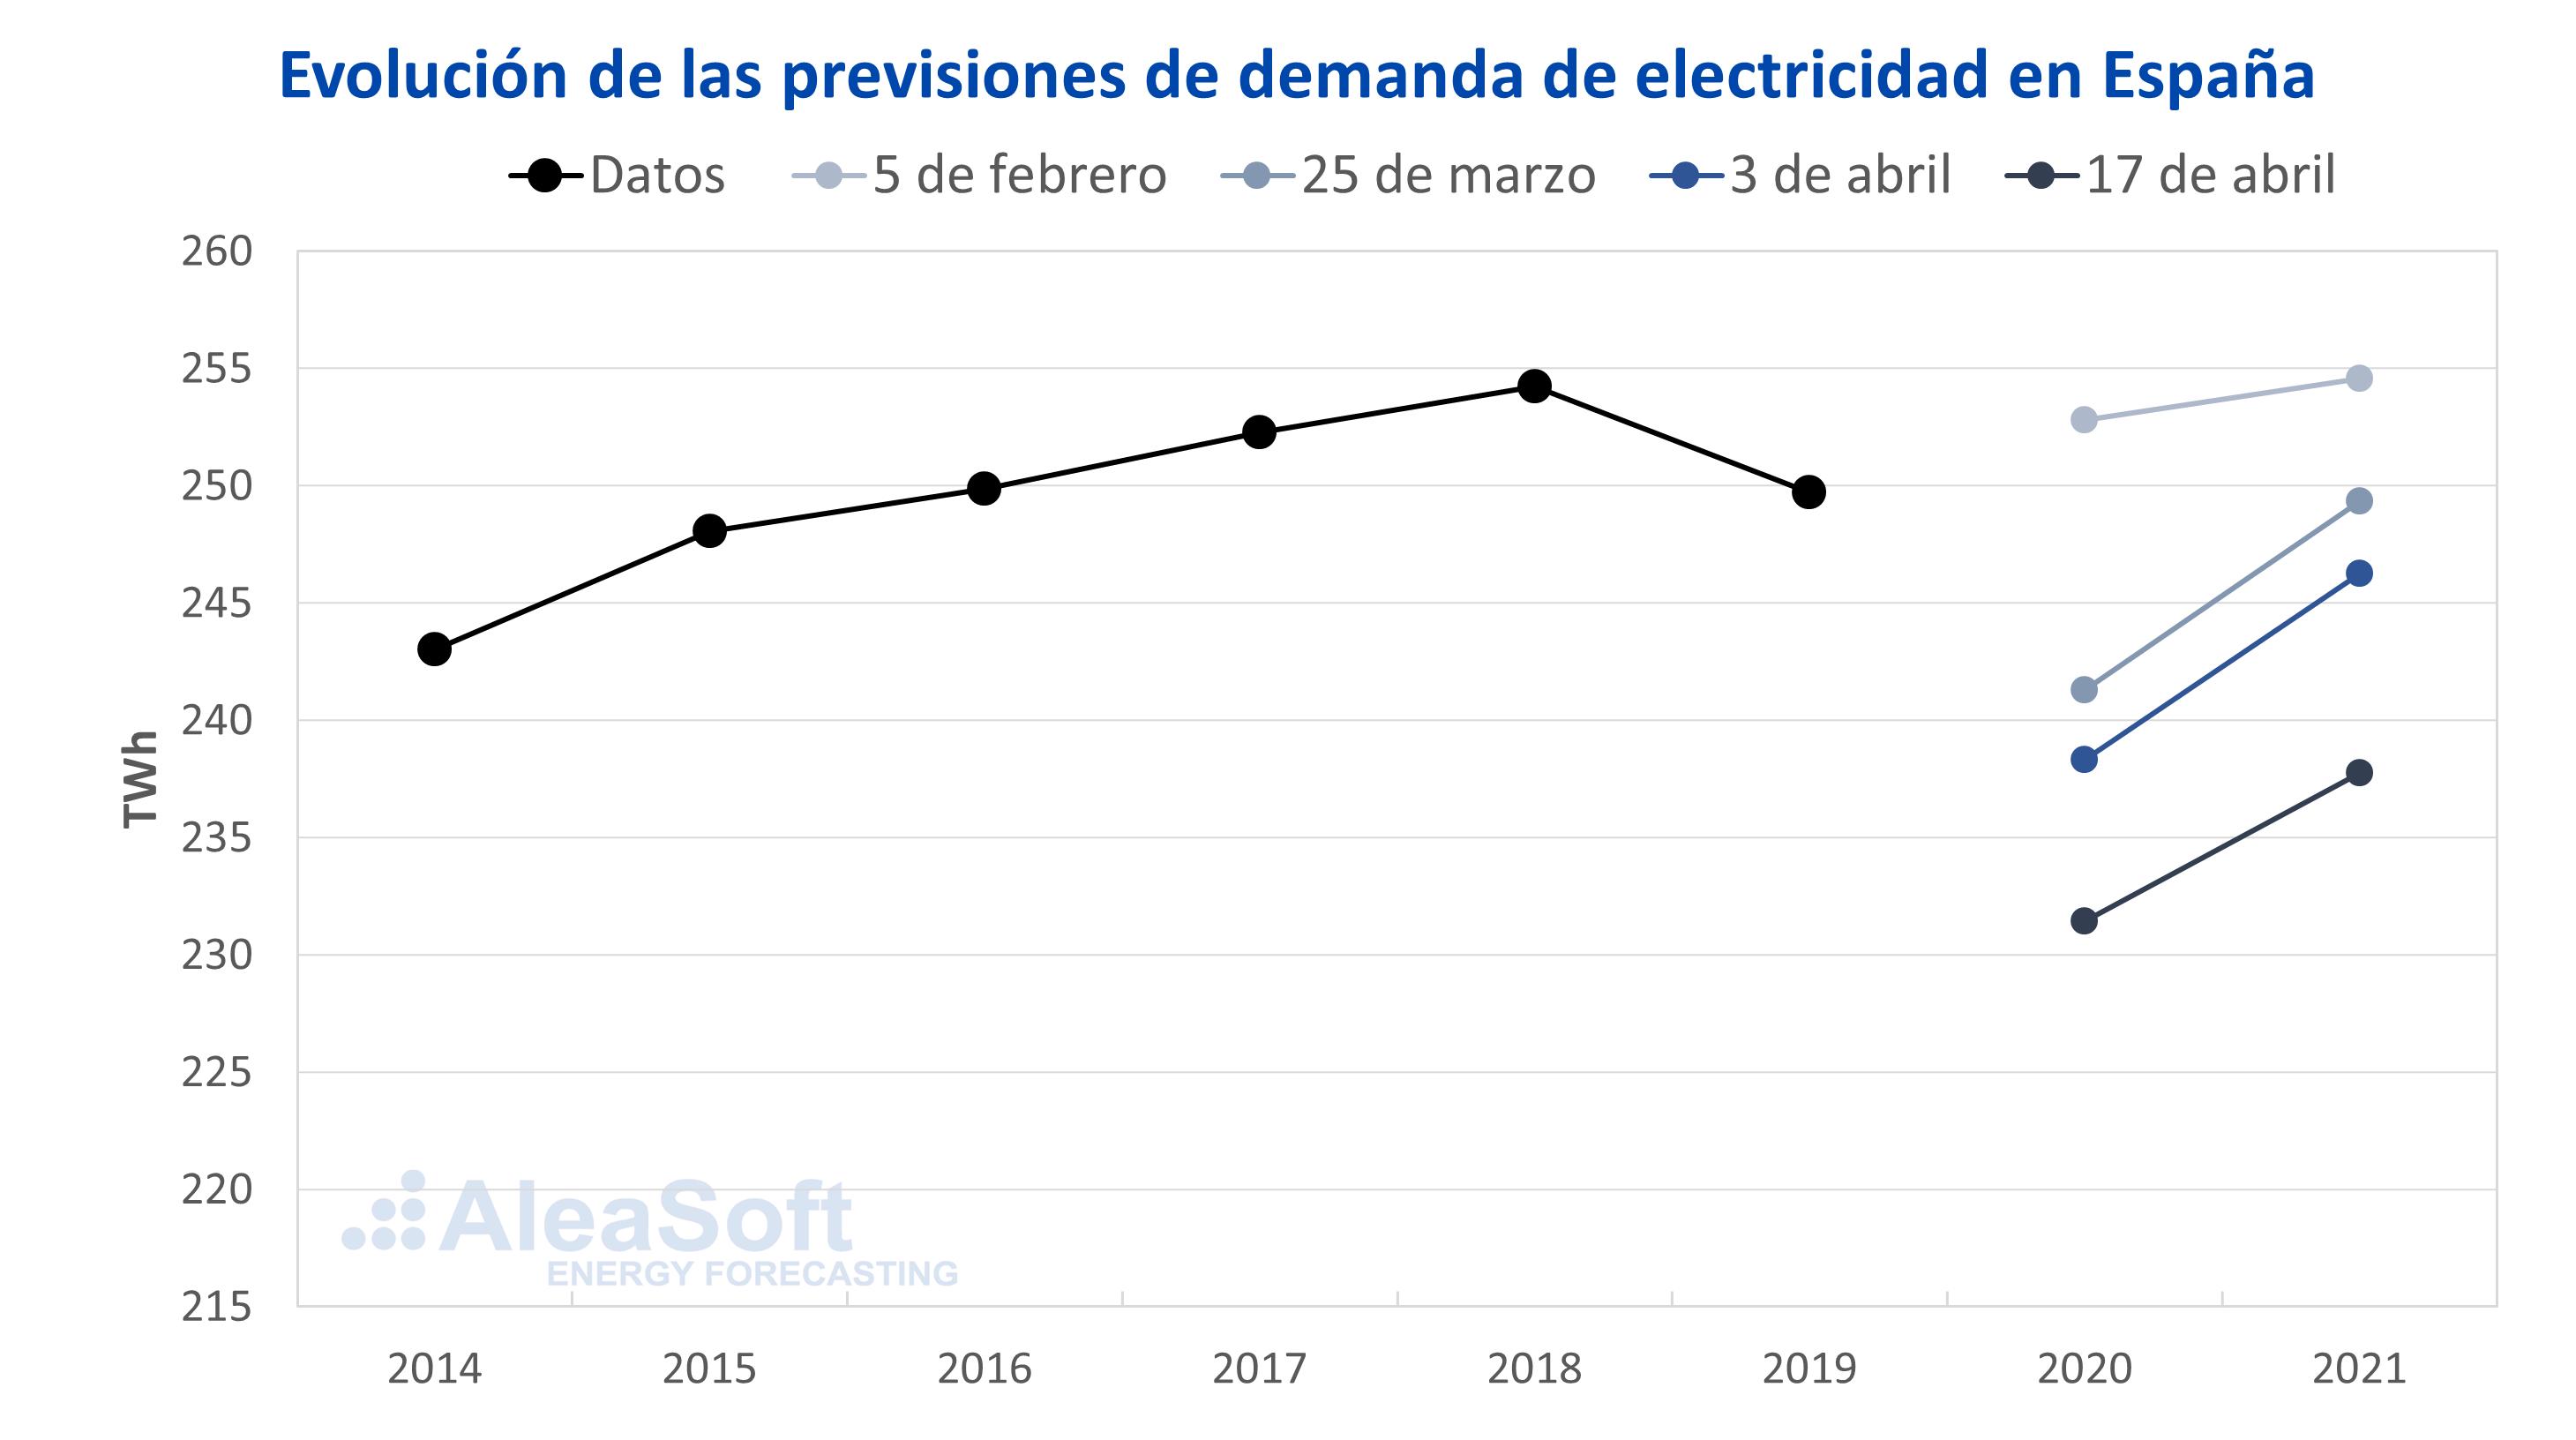 AleaSoft - Evolución previsiones demanda electricidad España